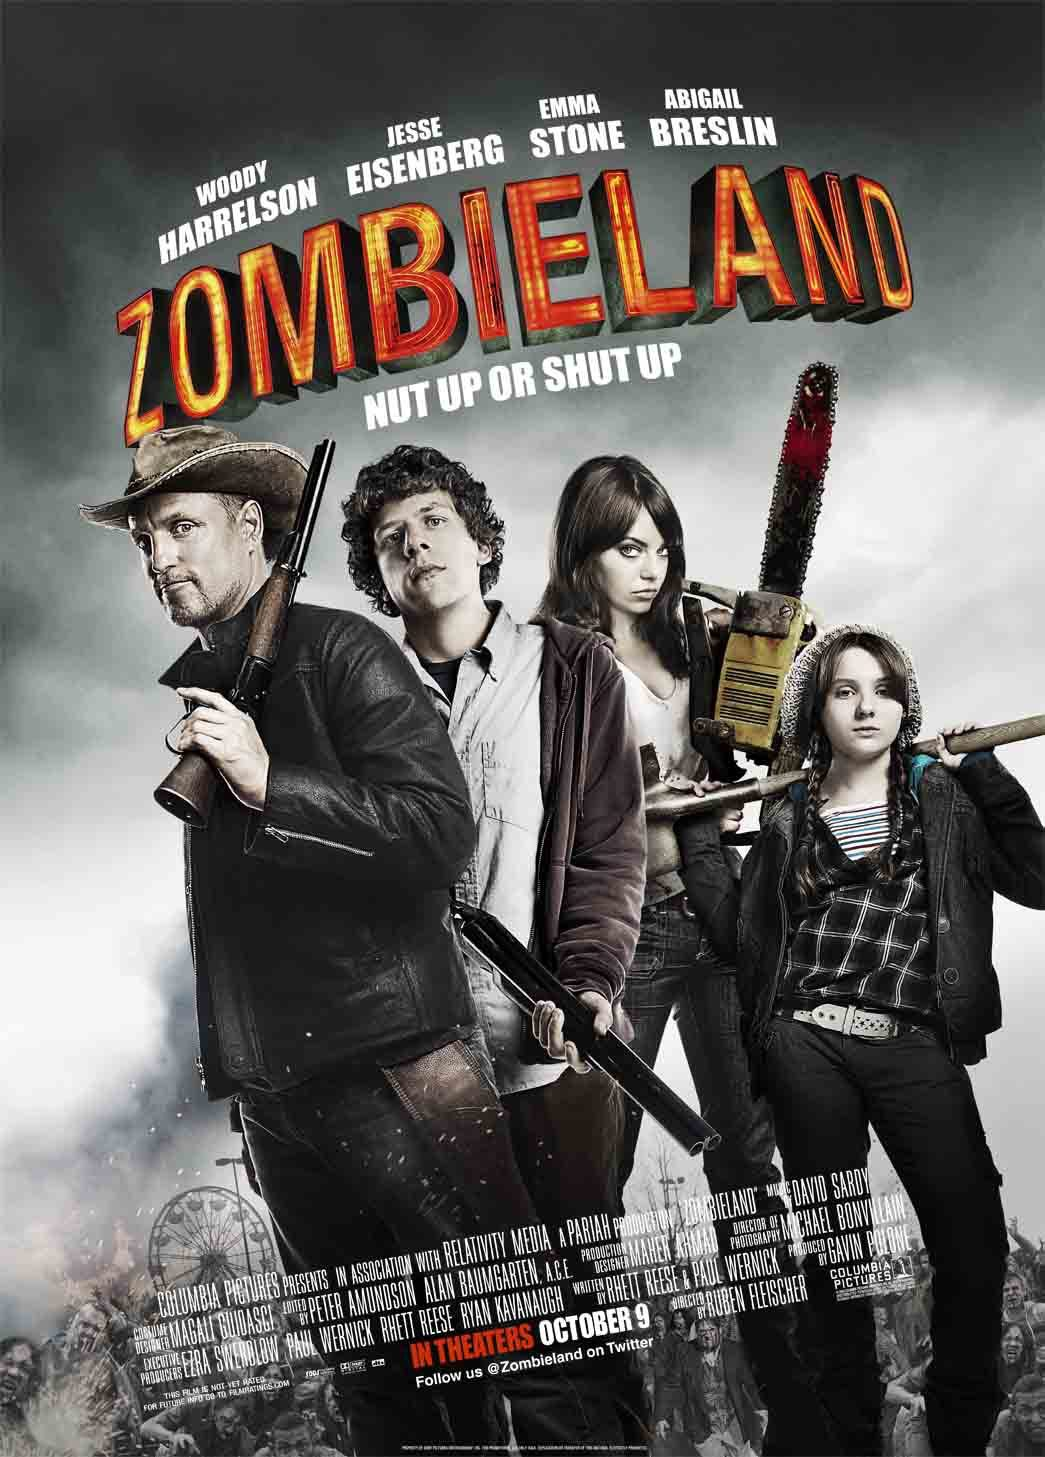 """Sau 10 năm dài, """"Zombieland"""" đã chính thức hội ngộ khán giả Việt Nam - Ảnh 1."""